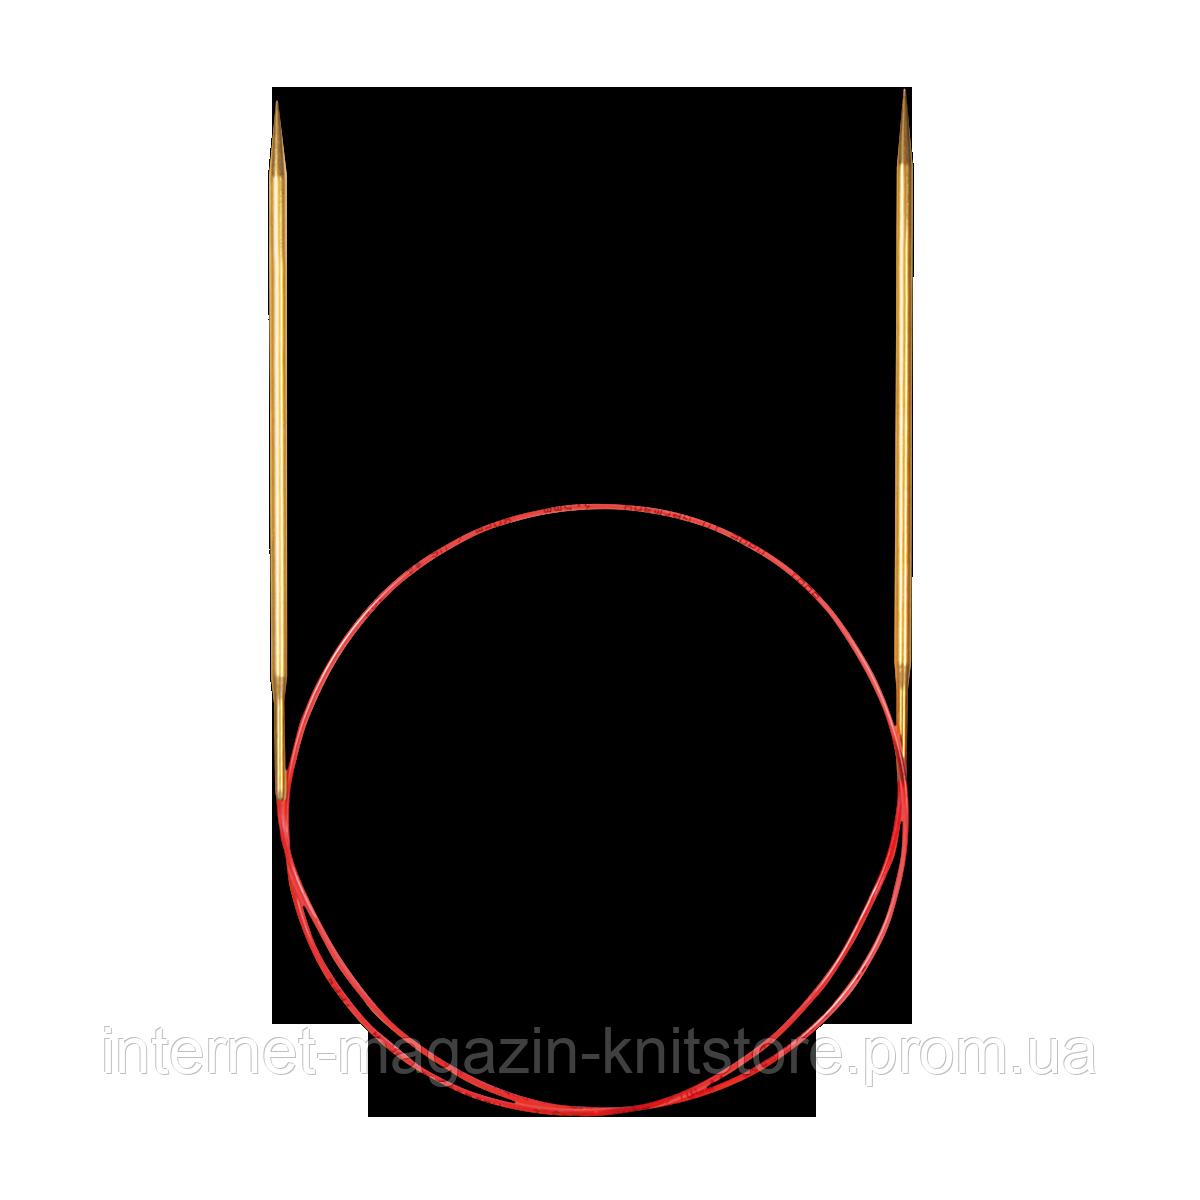 Спиці Addi   кругові   c витягнутим кінчиком   100 см   7 мм